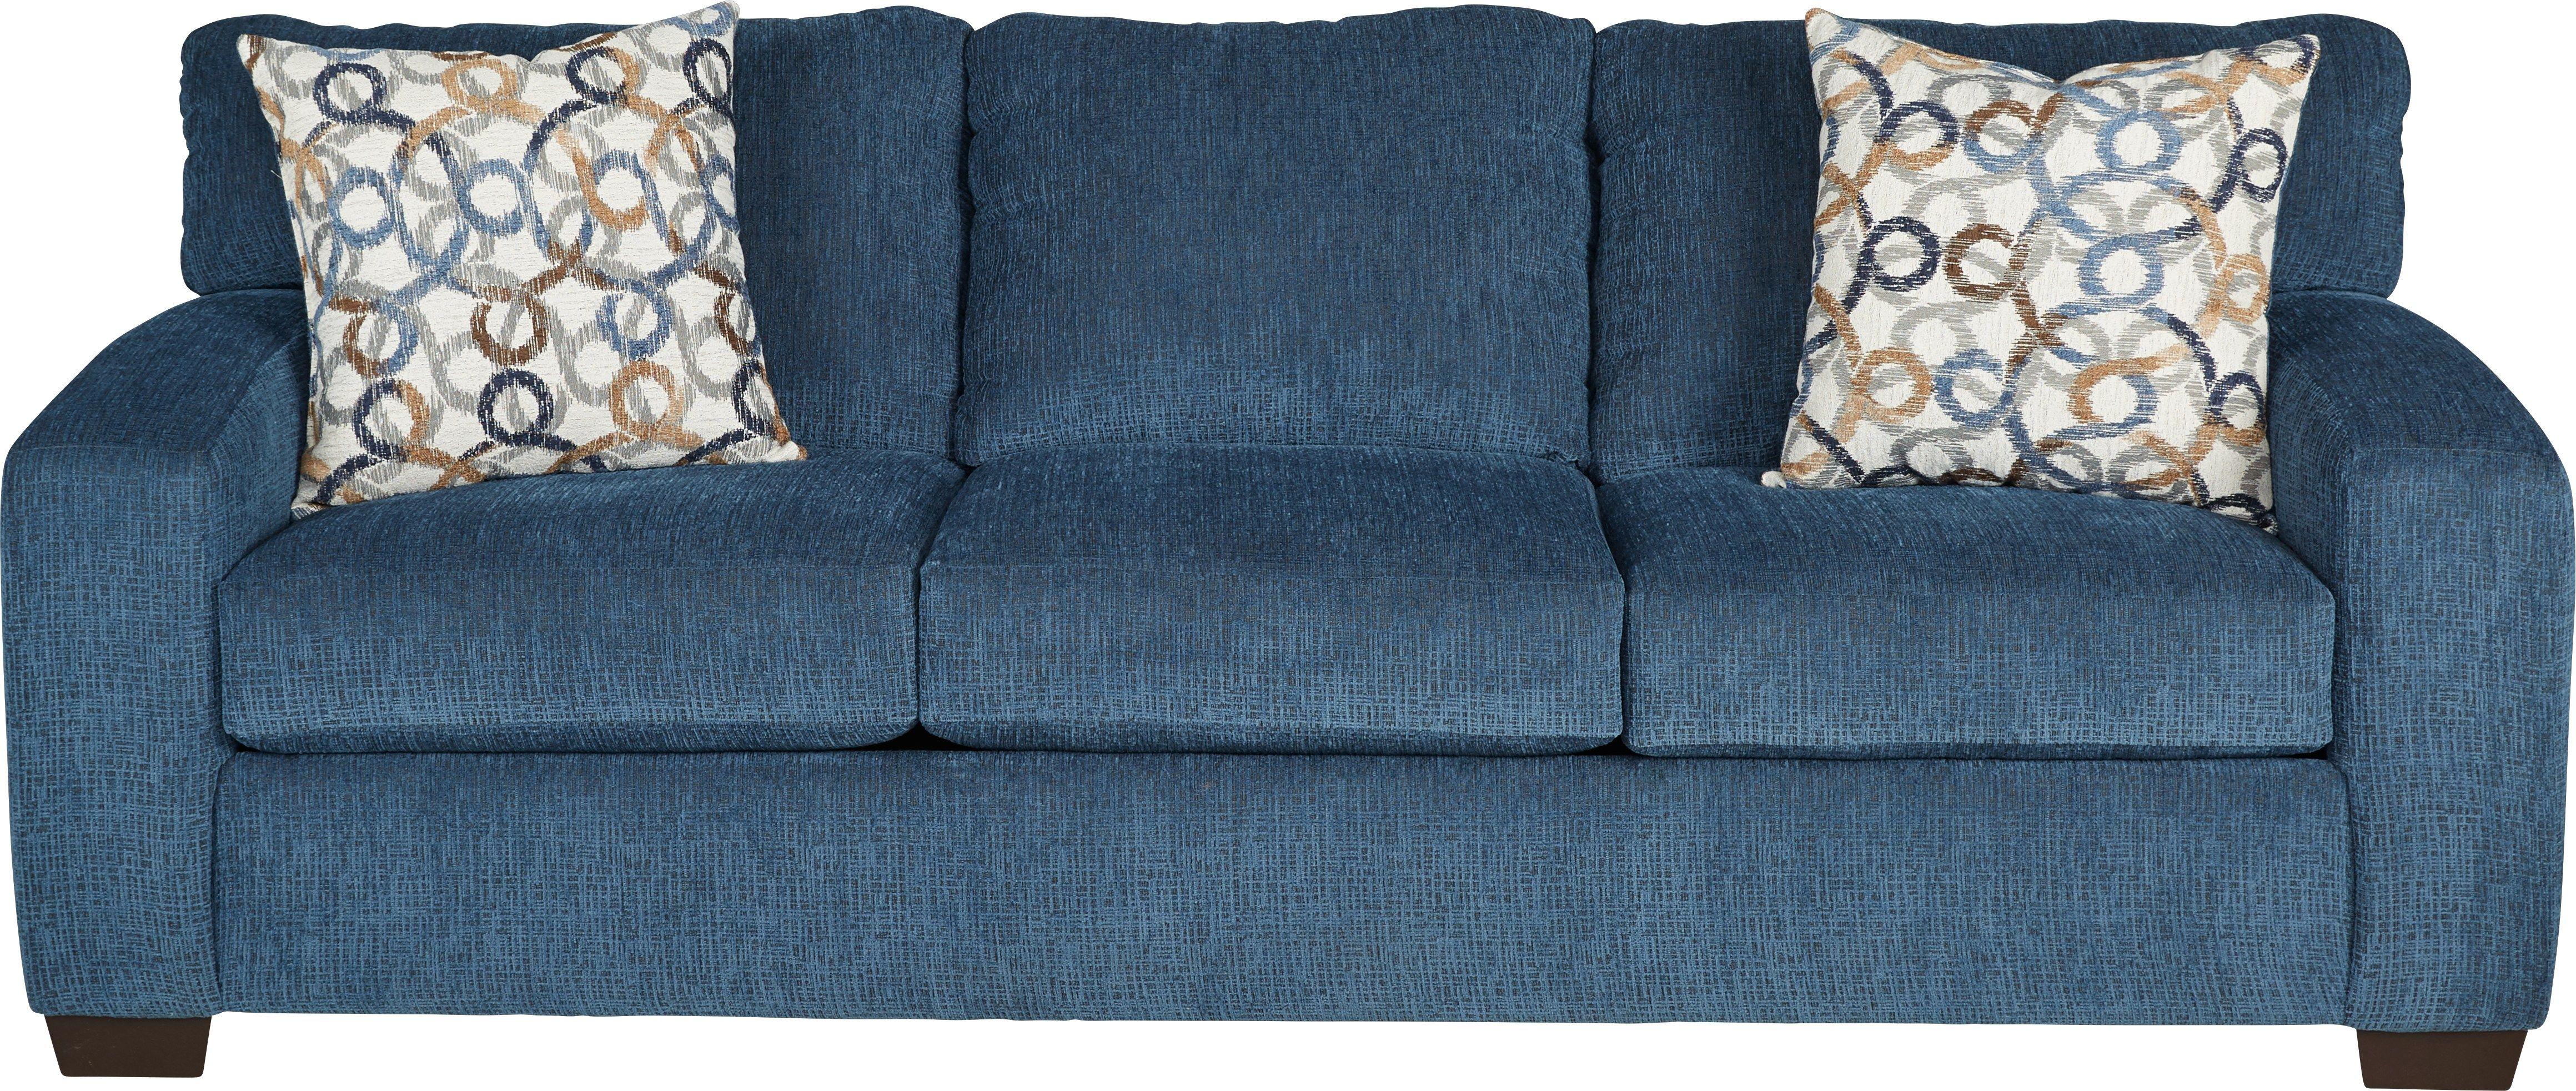 Lucan Navy Sleeper Navy Sofa Blue Sleeper Sofa Blue